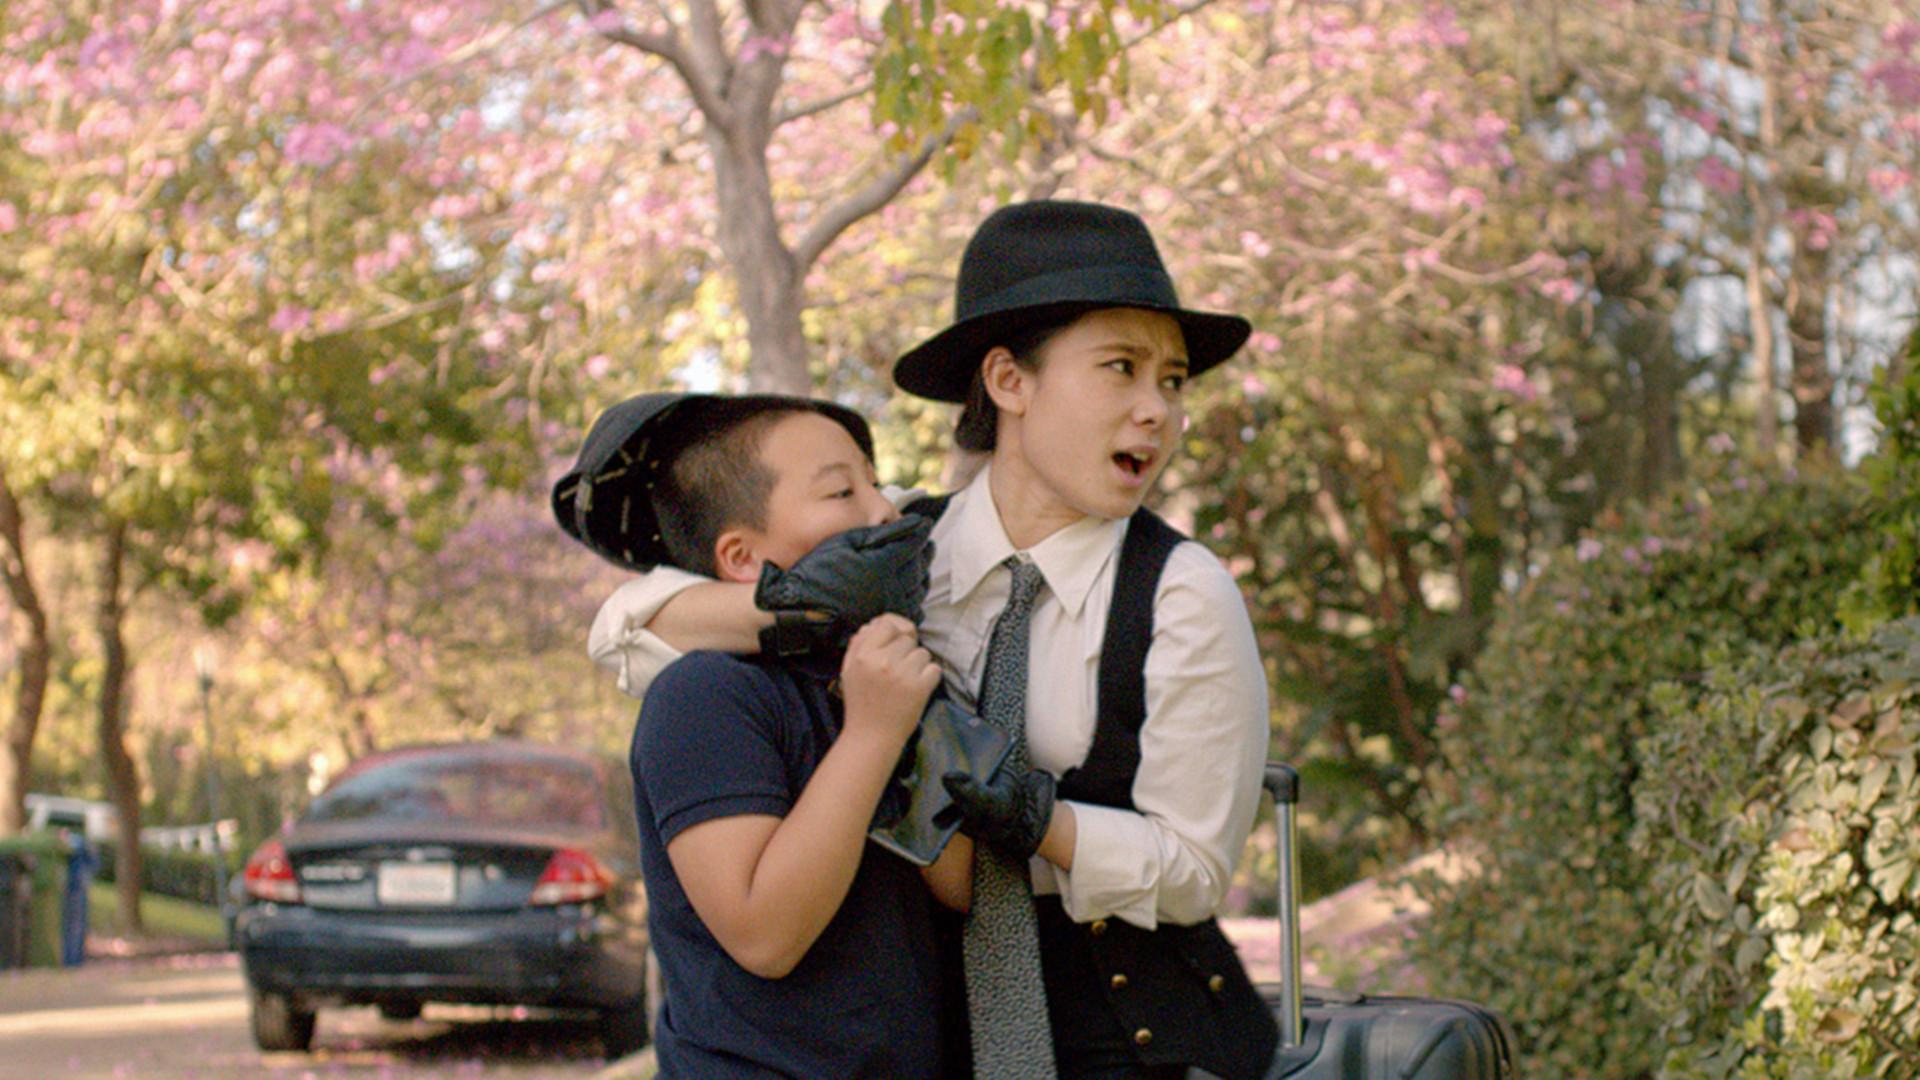 距上一次的冒险已经过去11个年头,转眼间安迪(约翰莫里斯 John Morris 配音)变成了17岁的阳光男孩。这年夏天,安迪即将开始大学生活,他必须将自己的房间收拾整齐留给妹妹。此前,伍迪(汤姆汉克斯 Tom Hanks 配音)与巴斯光年(蒂姆艾伦... 距上一次的冒险已经过去11个年头,转眼间安迪(约翰莫里斯 John Morris 配音)变成了17岁的阳光男孩。这年夏天,安迪即将开始大学生活,他必须将自己的房间收拾整齐留给妹妹。此前,伍迪(汤姆汉克斯 Tom Hanks 配音)与巴斯光年(蒂